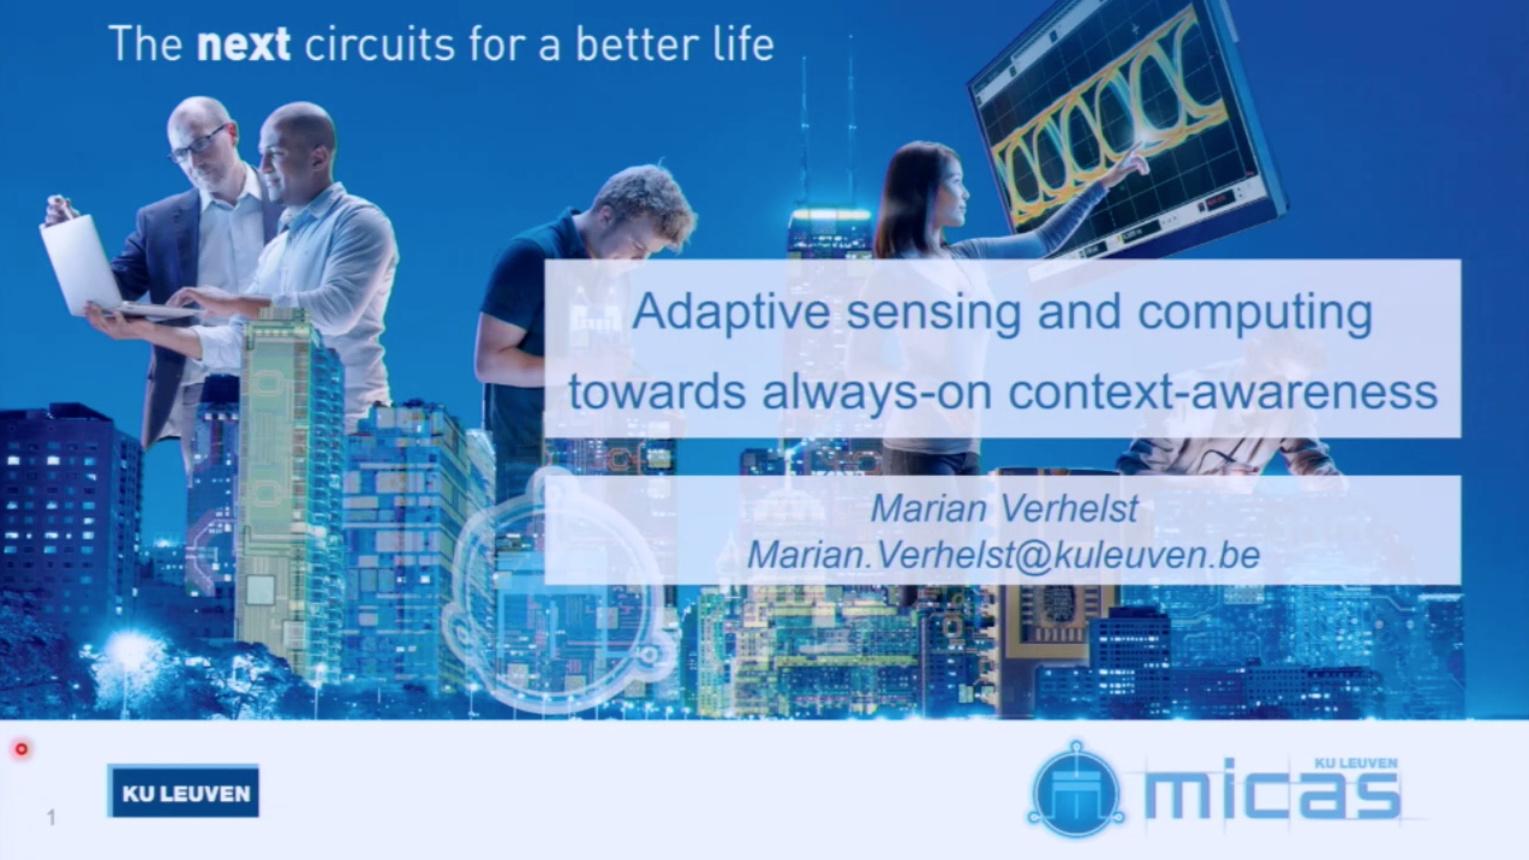 Adaptive sensing and computing towards always-on context-awareness